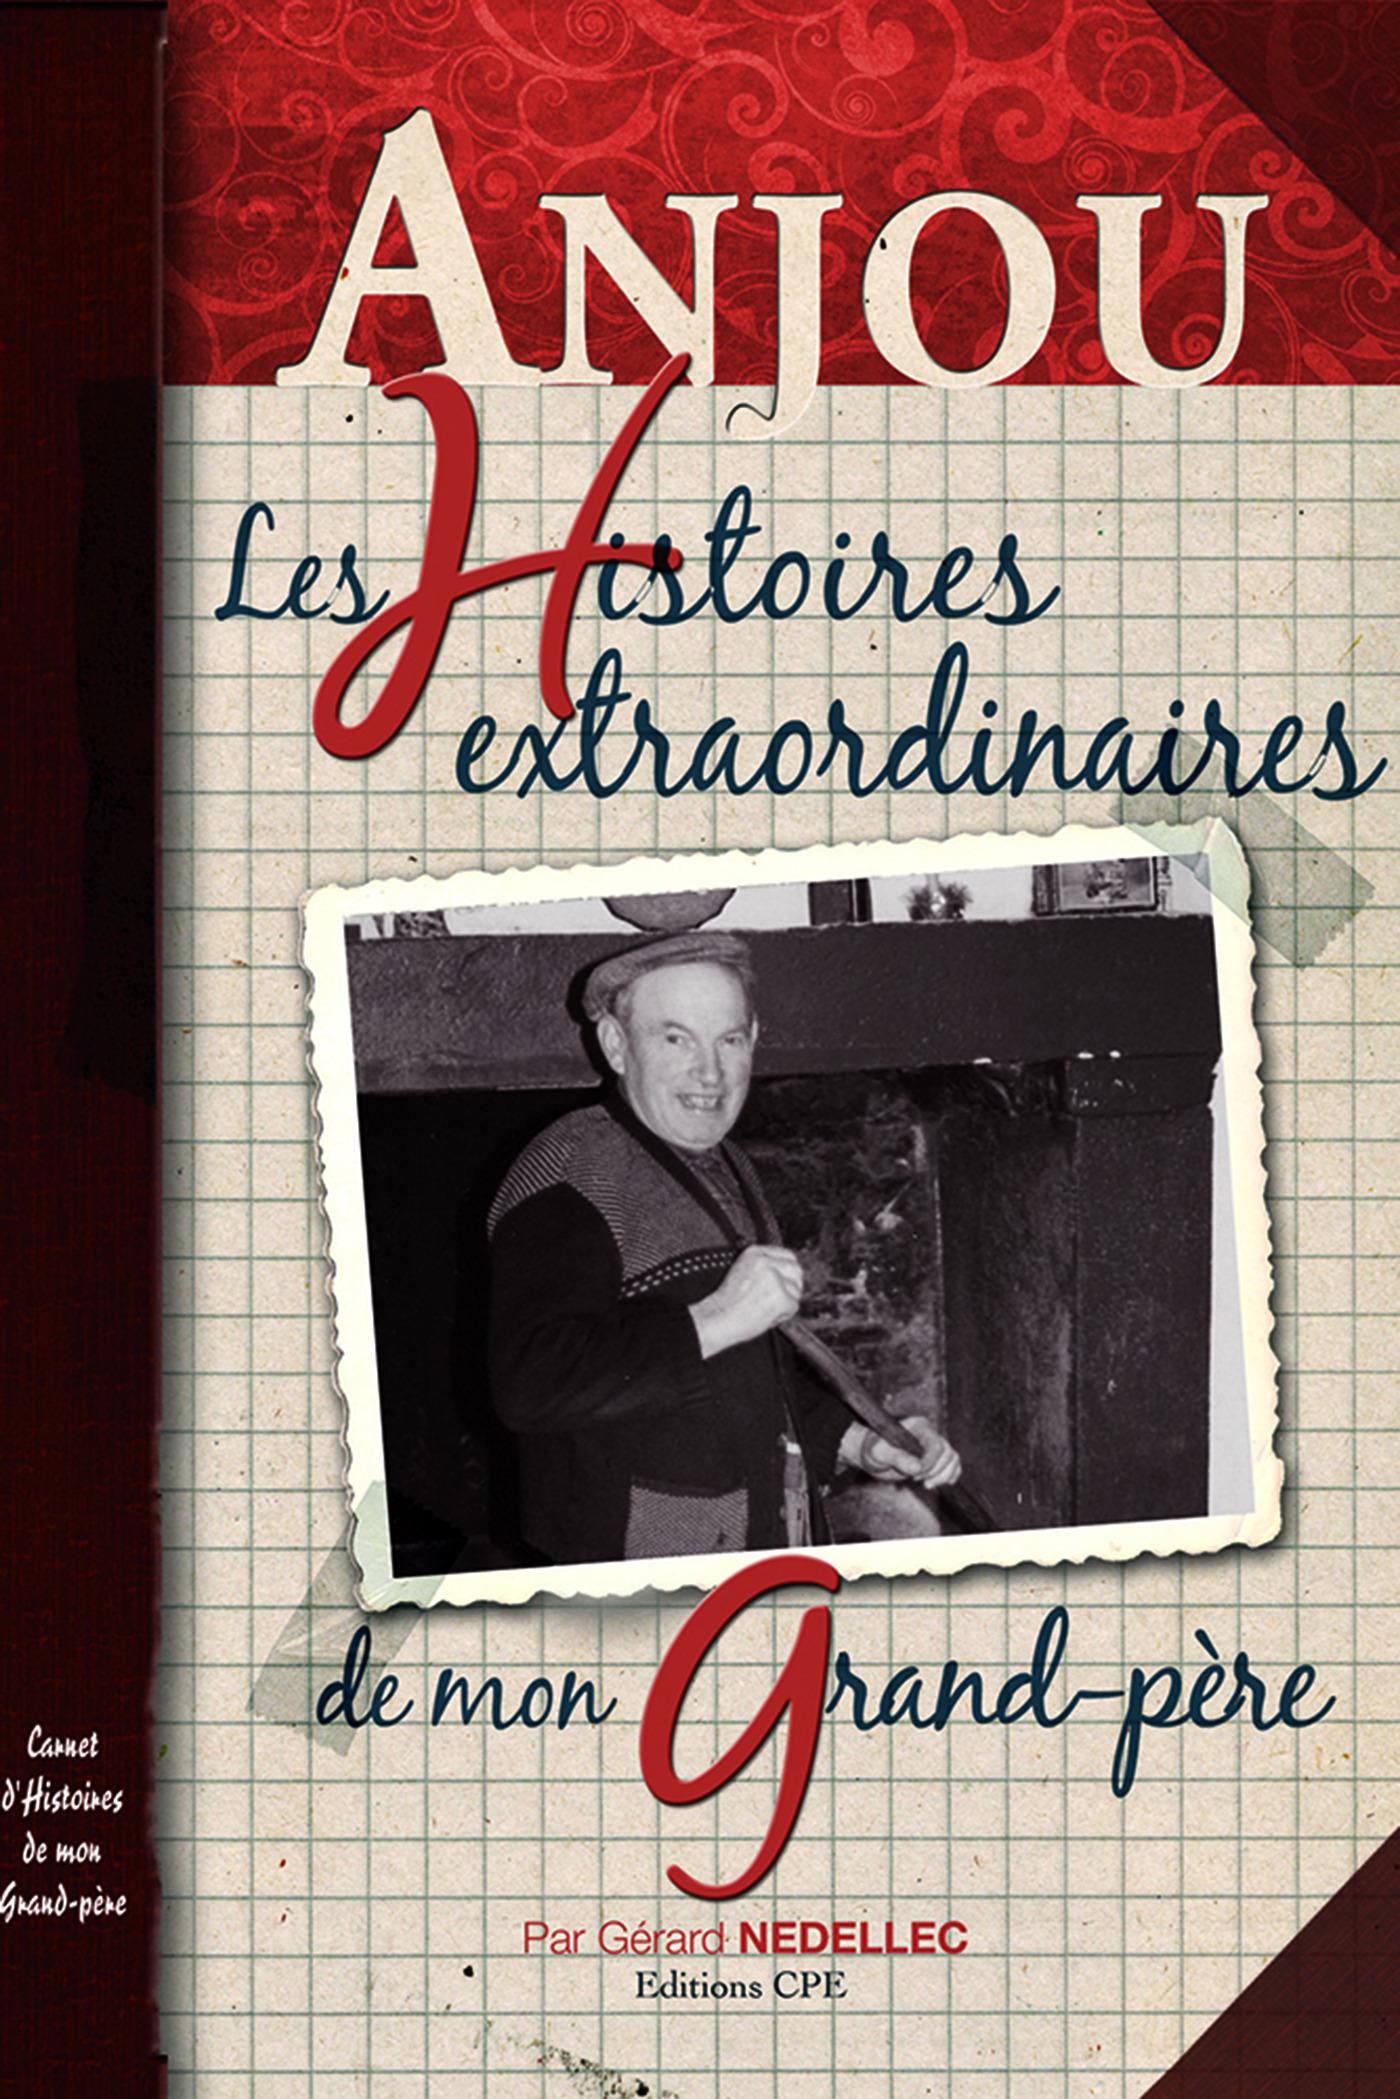 Anjou ; les histoires extraordinaires de mon grand-père